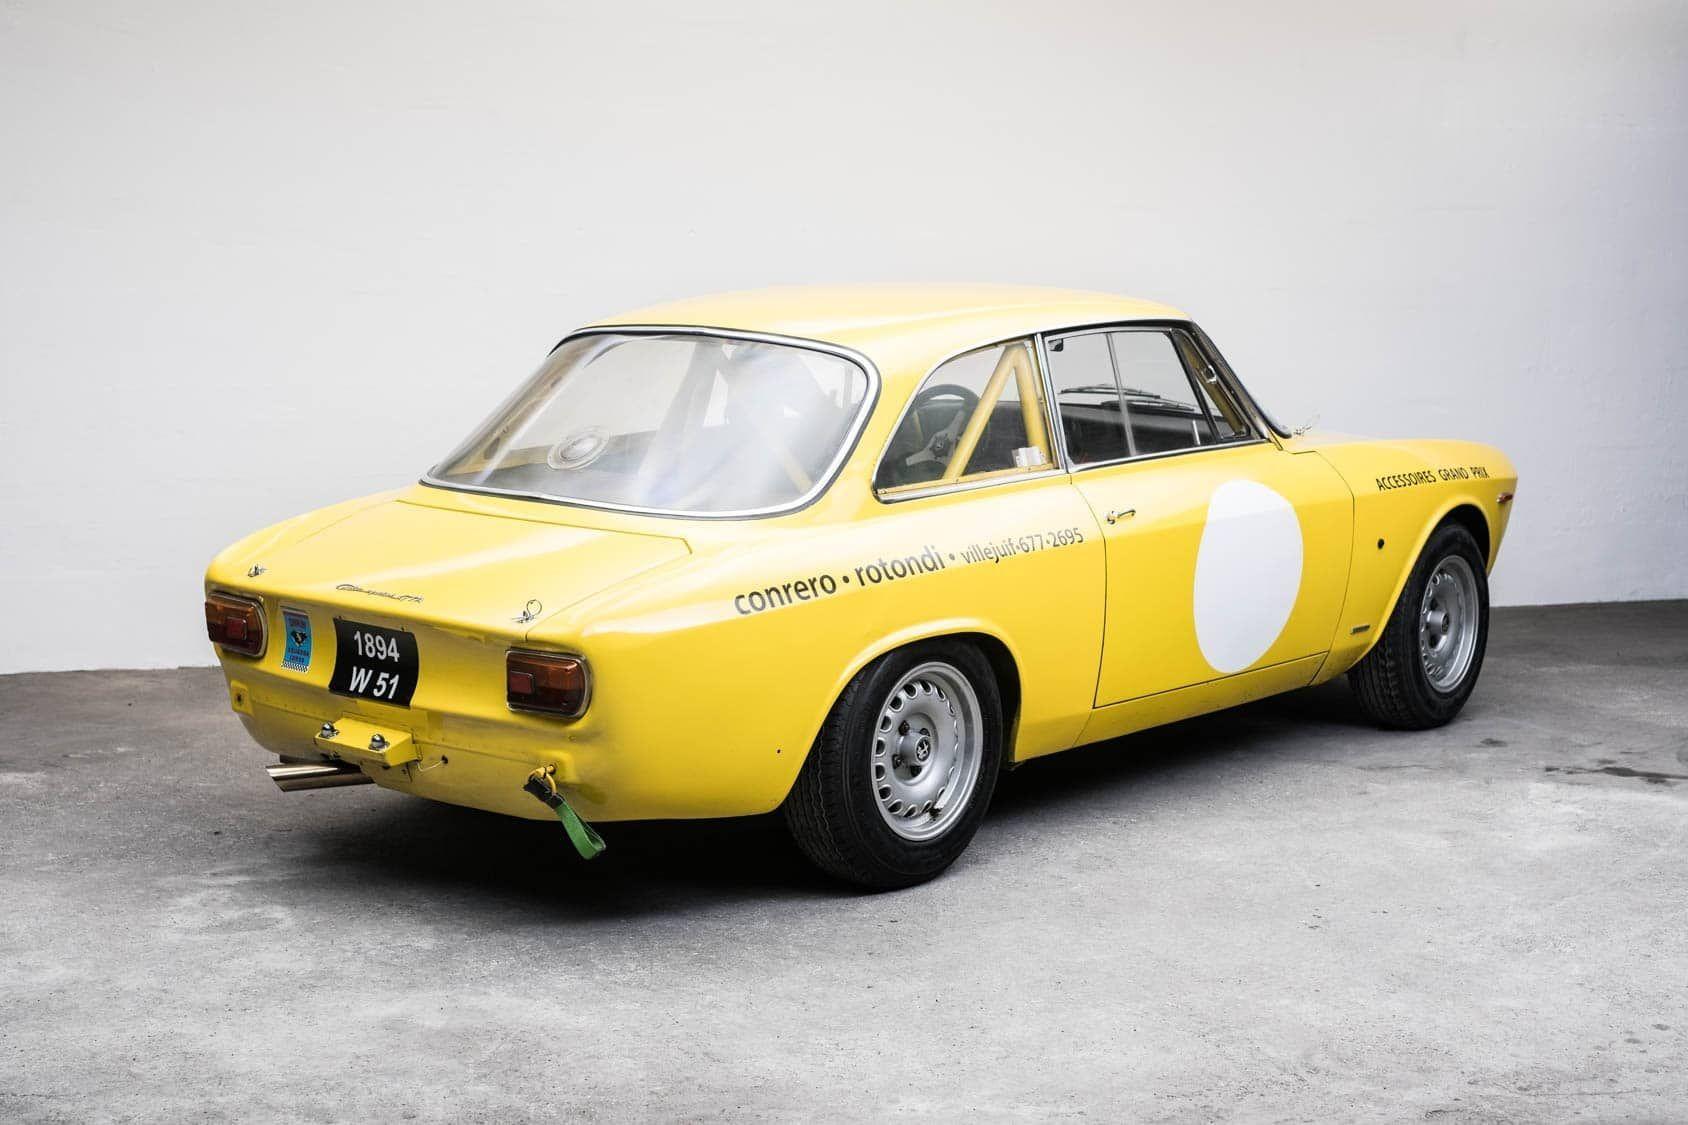 Deze Originele Alfa Romeo Giulia Gta 1600 Uit 1965 Wordt In